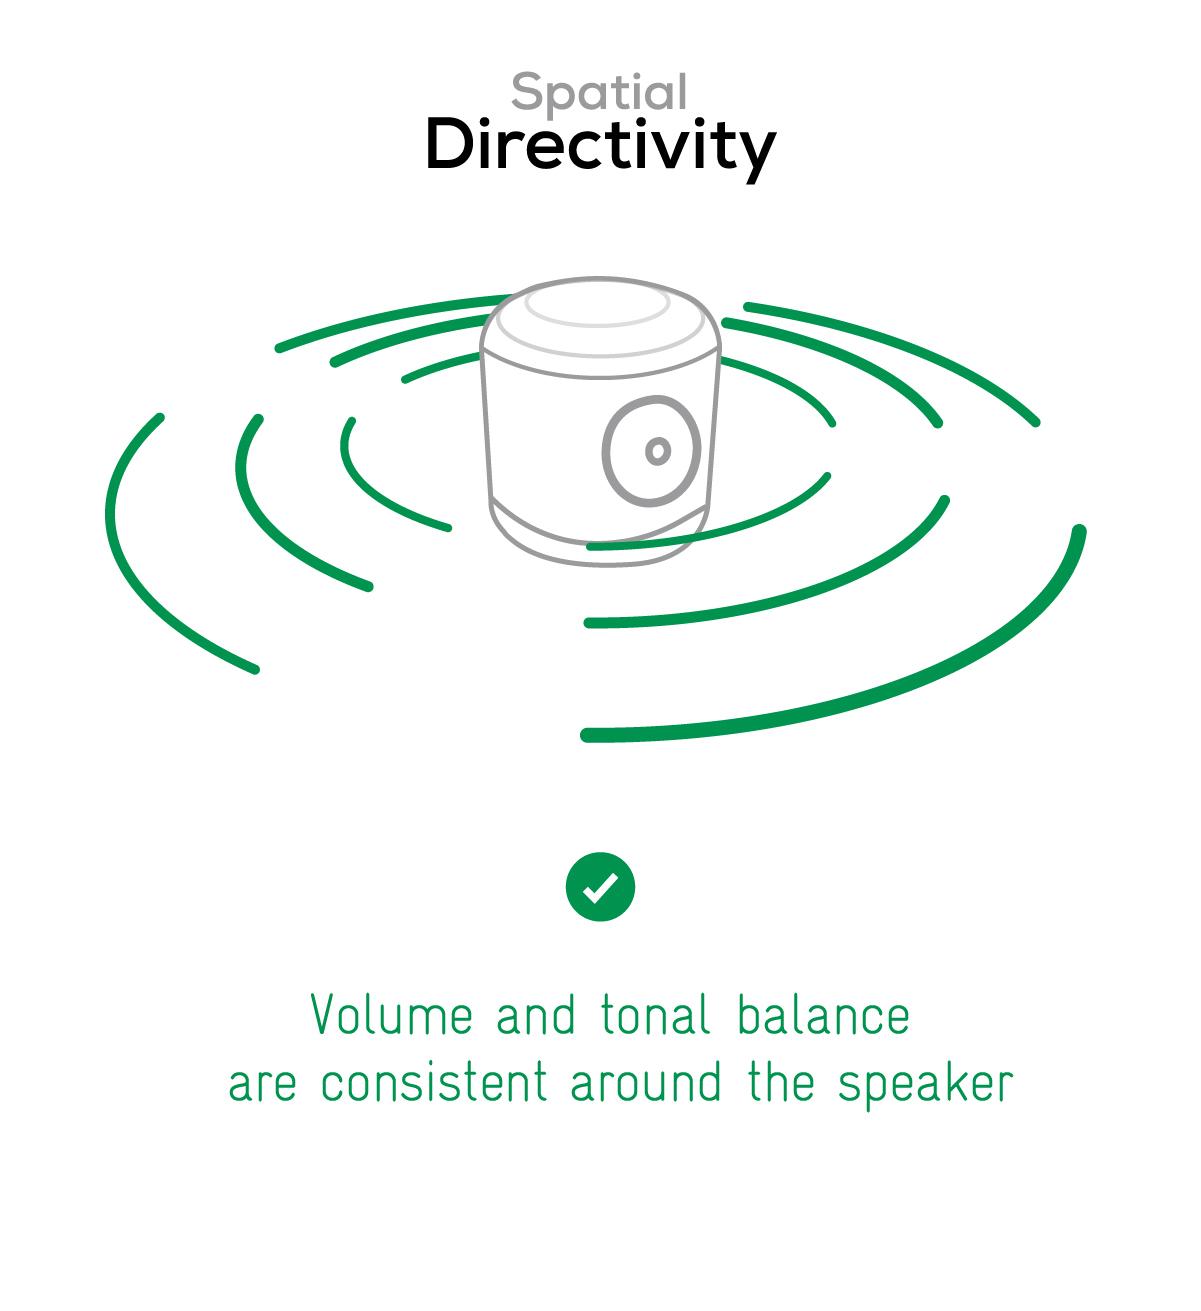 Bose SoundLink Revolve II Speaker review: Built for mobility 17